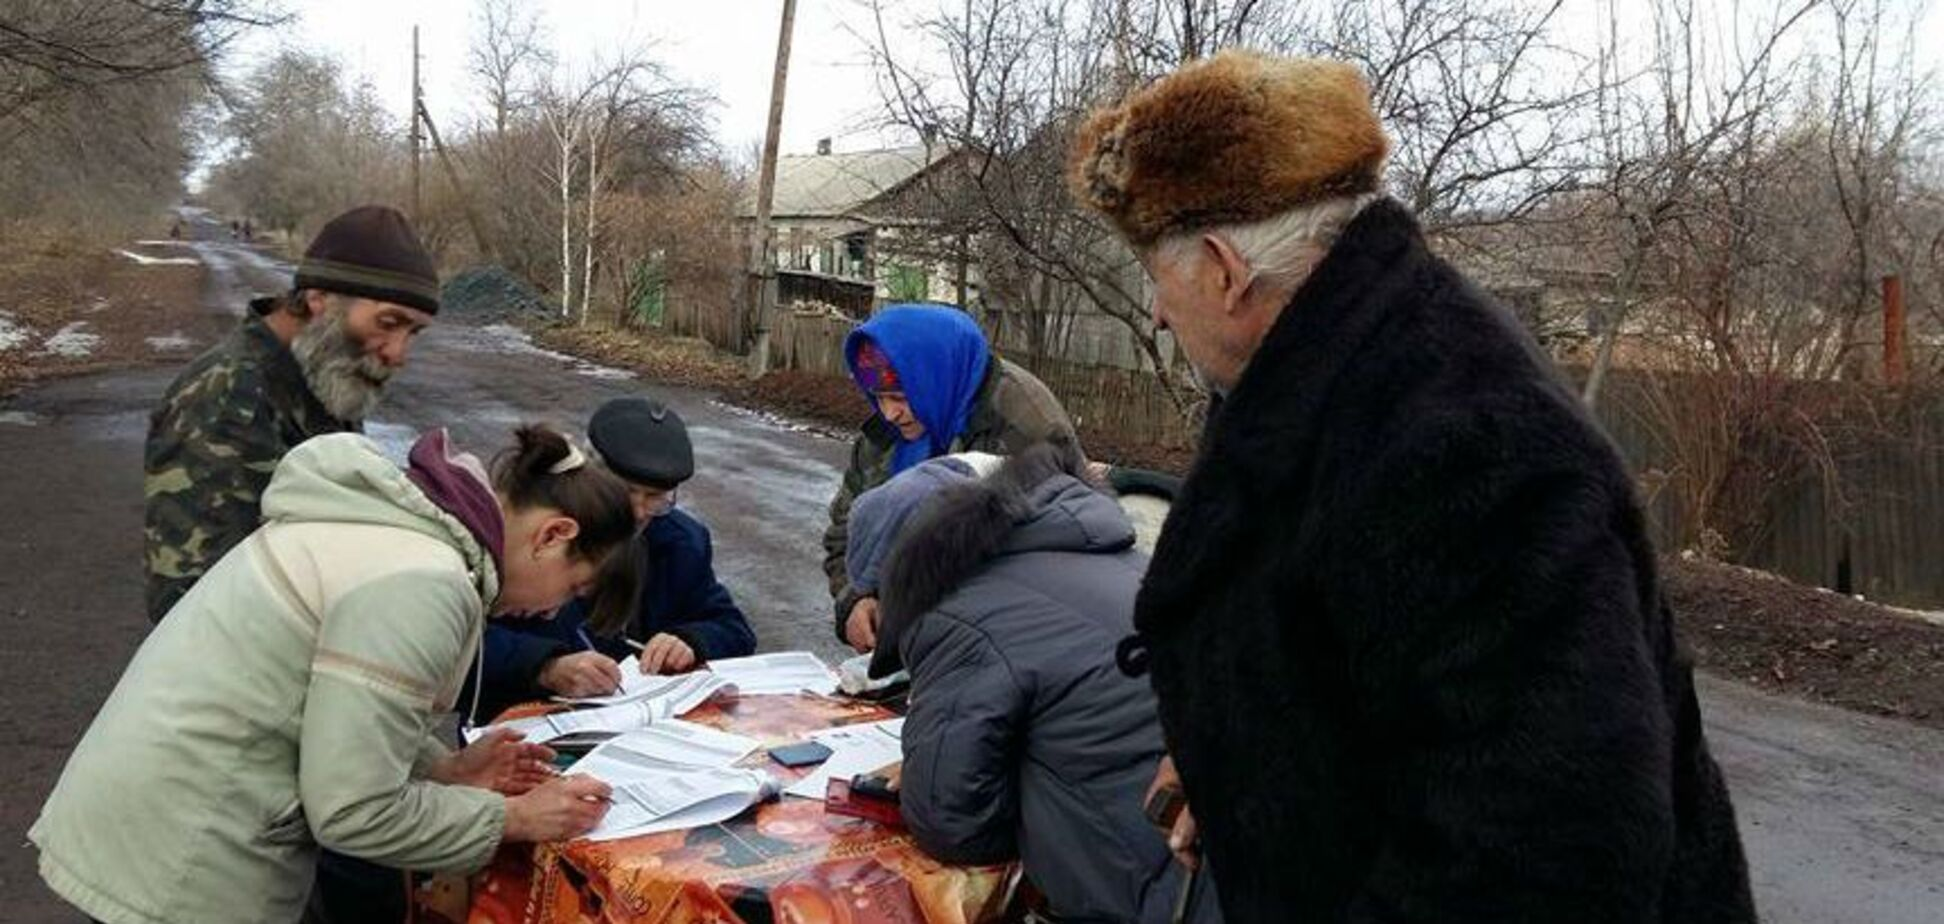 Жителям Крыма и Донбасса упростили участие в выборах-2019: что это означает